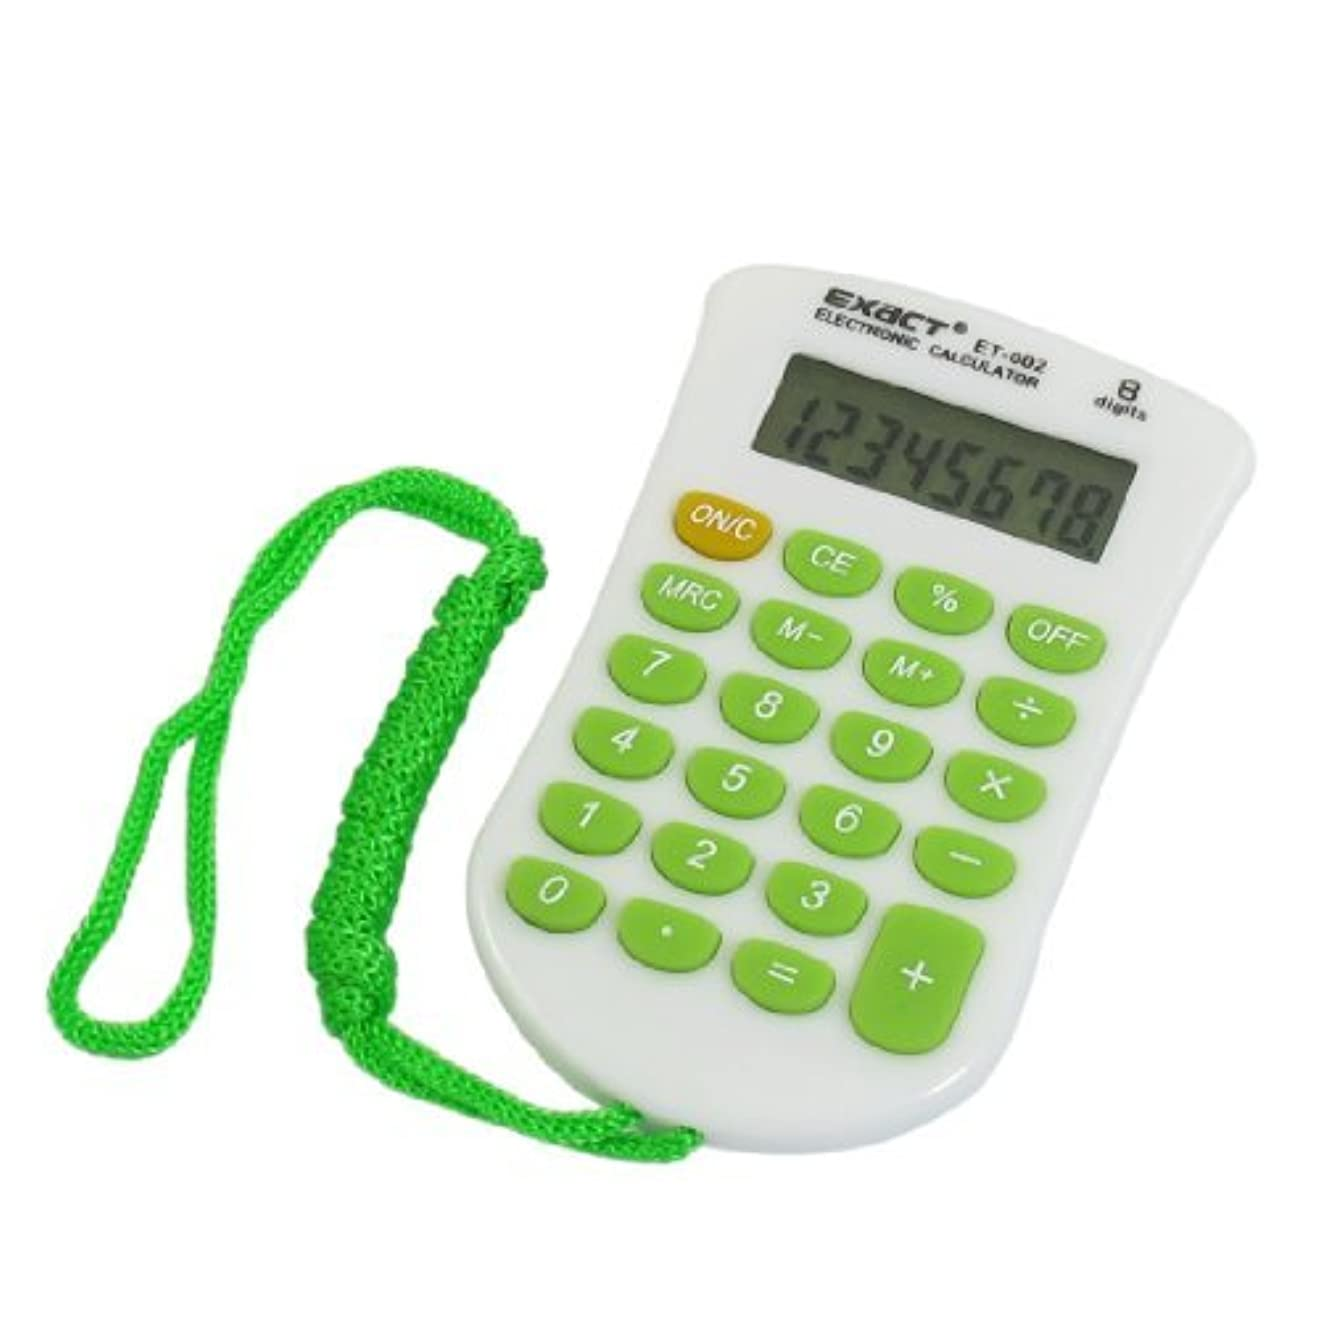 アドバンテージありそう助言するオフィスのプラスチック液晶ディスプレイ8桁電卓ストラップ付緑白